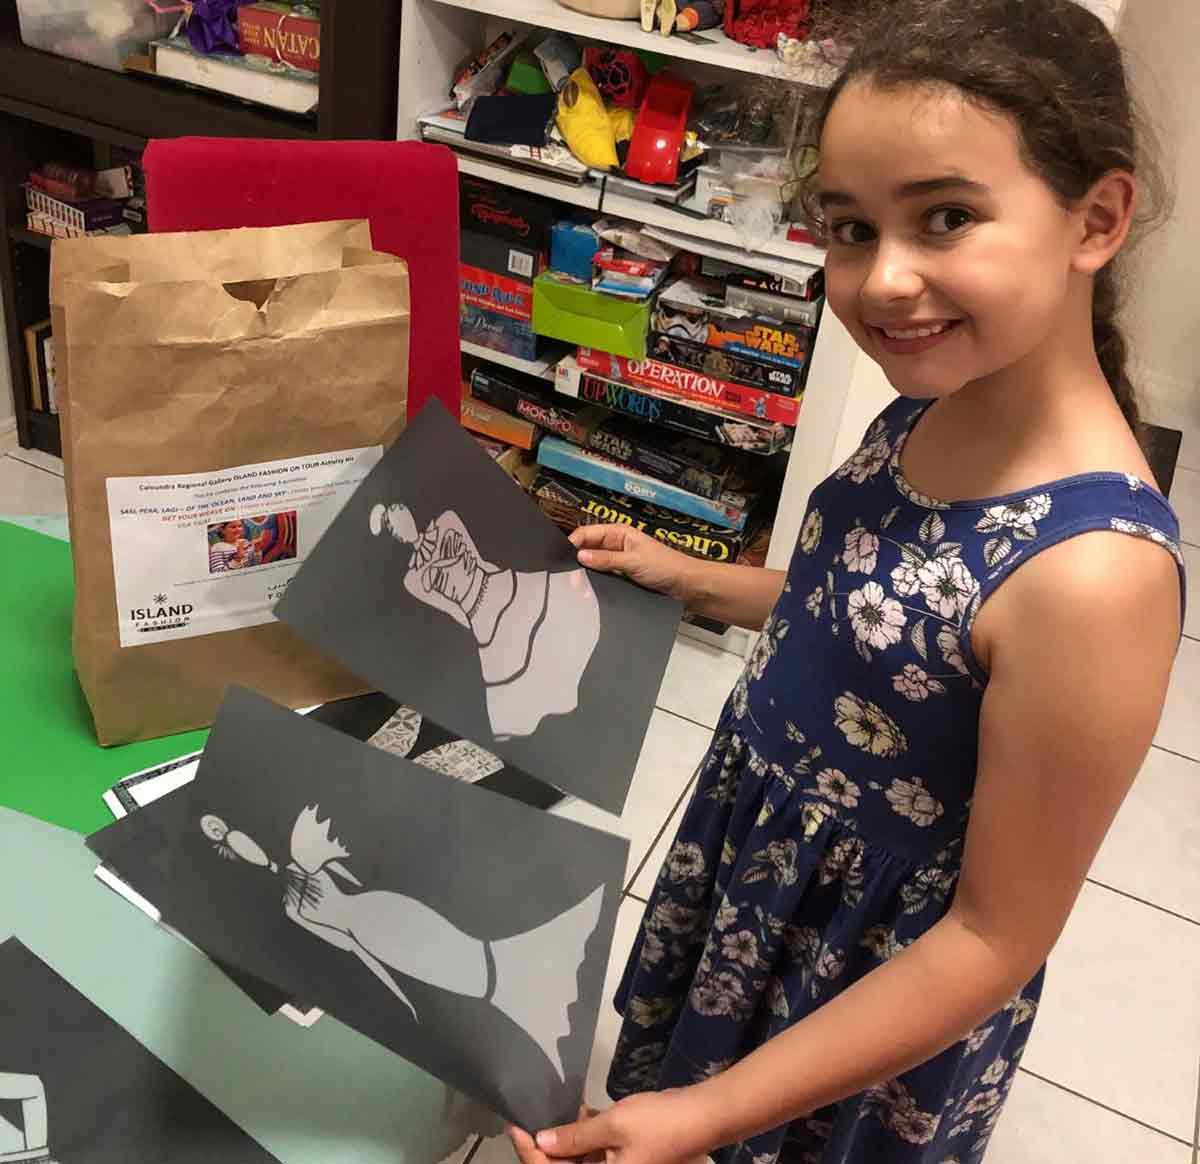 Free school holiday activity kits from Caloundra Regional Gallery